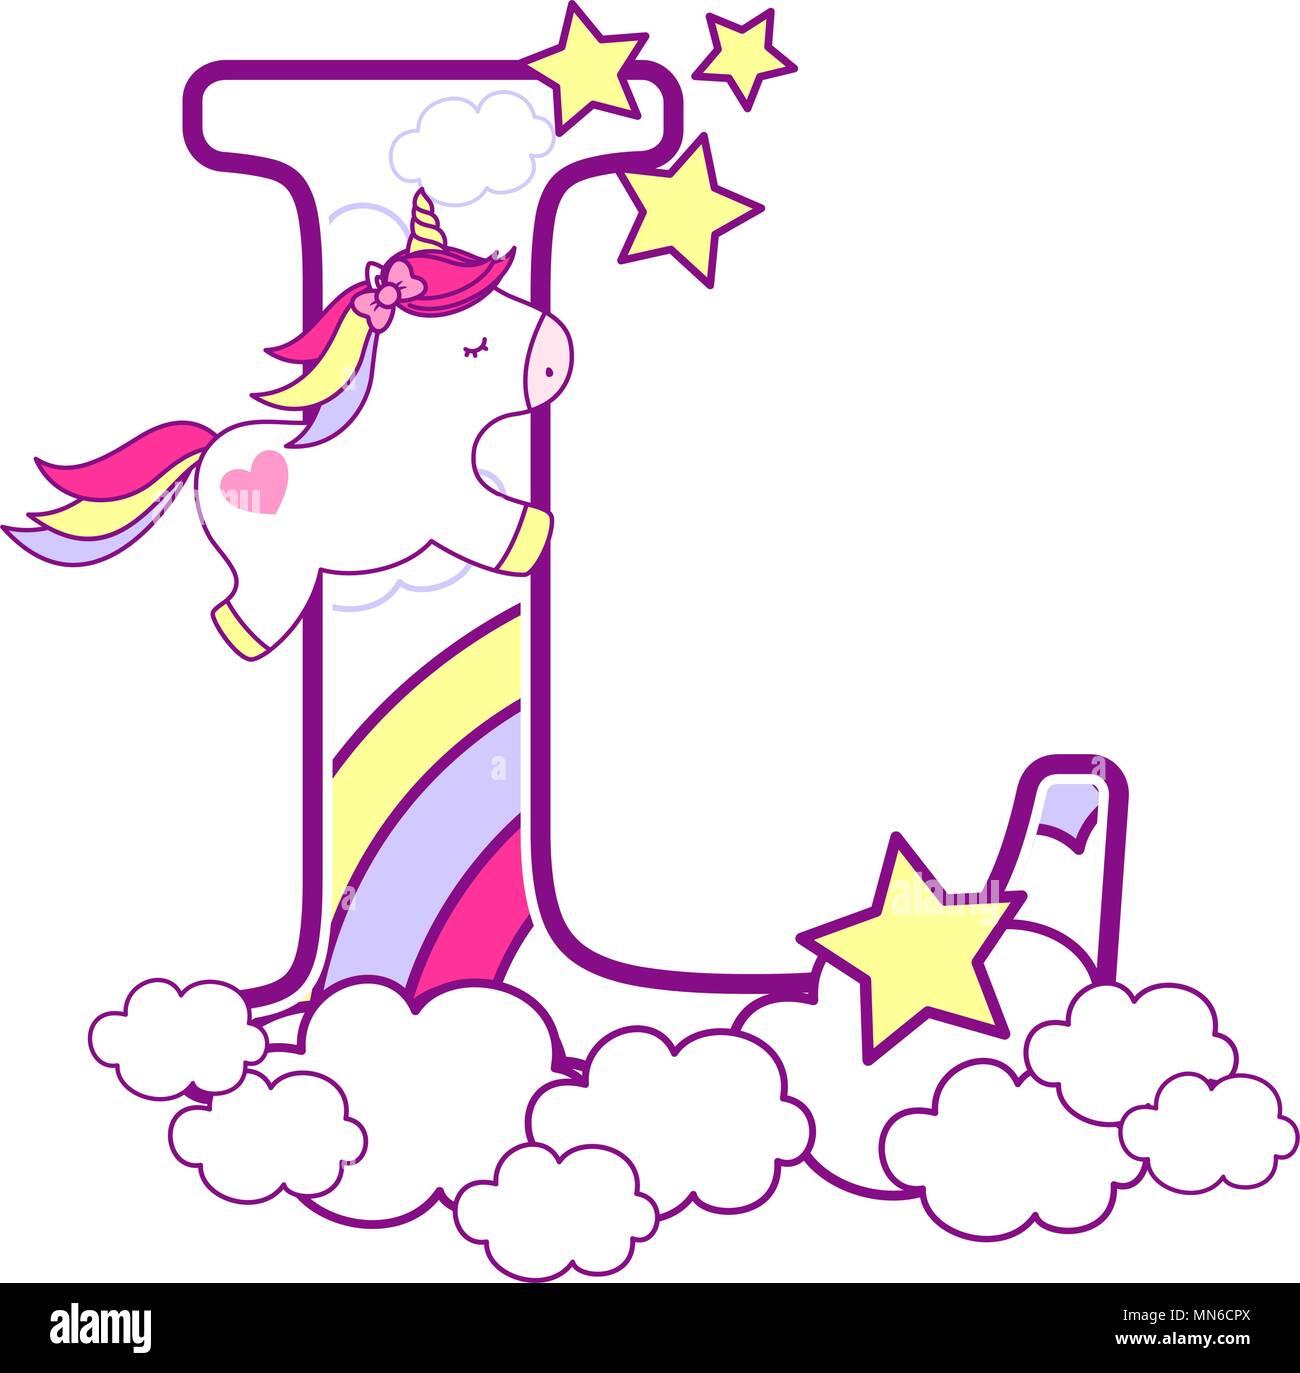 Asombroso Unicornio Pegaso Para Colorear Foto - Ideas Creativas para ...